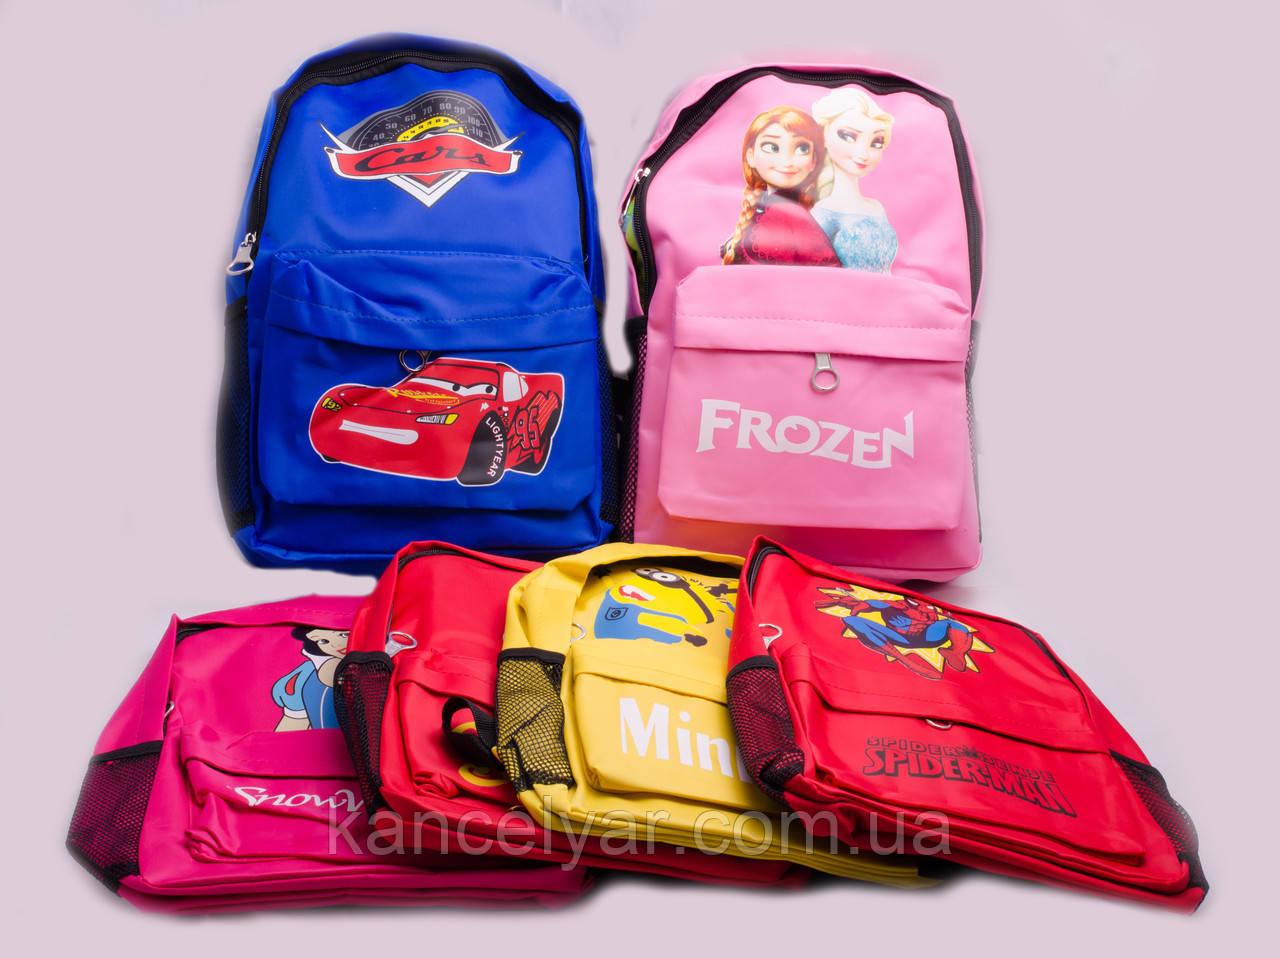 Рюкзак тканевый детский, в ассортименте